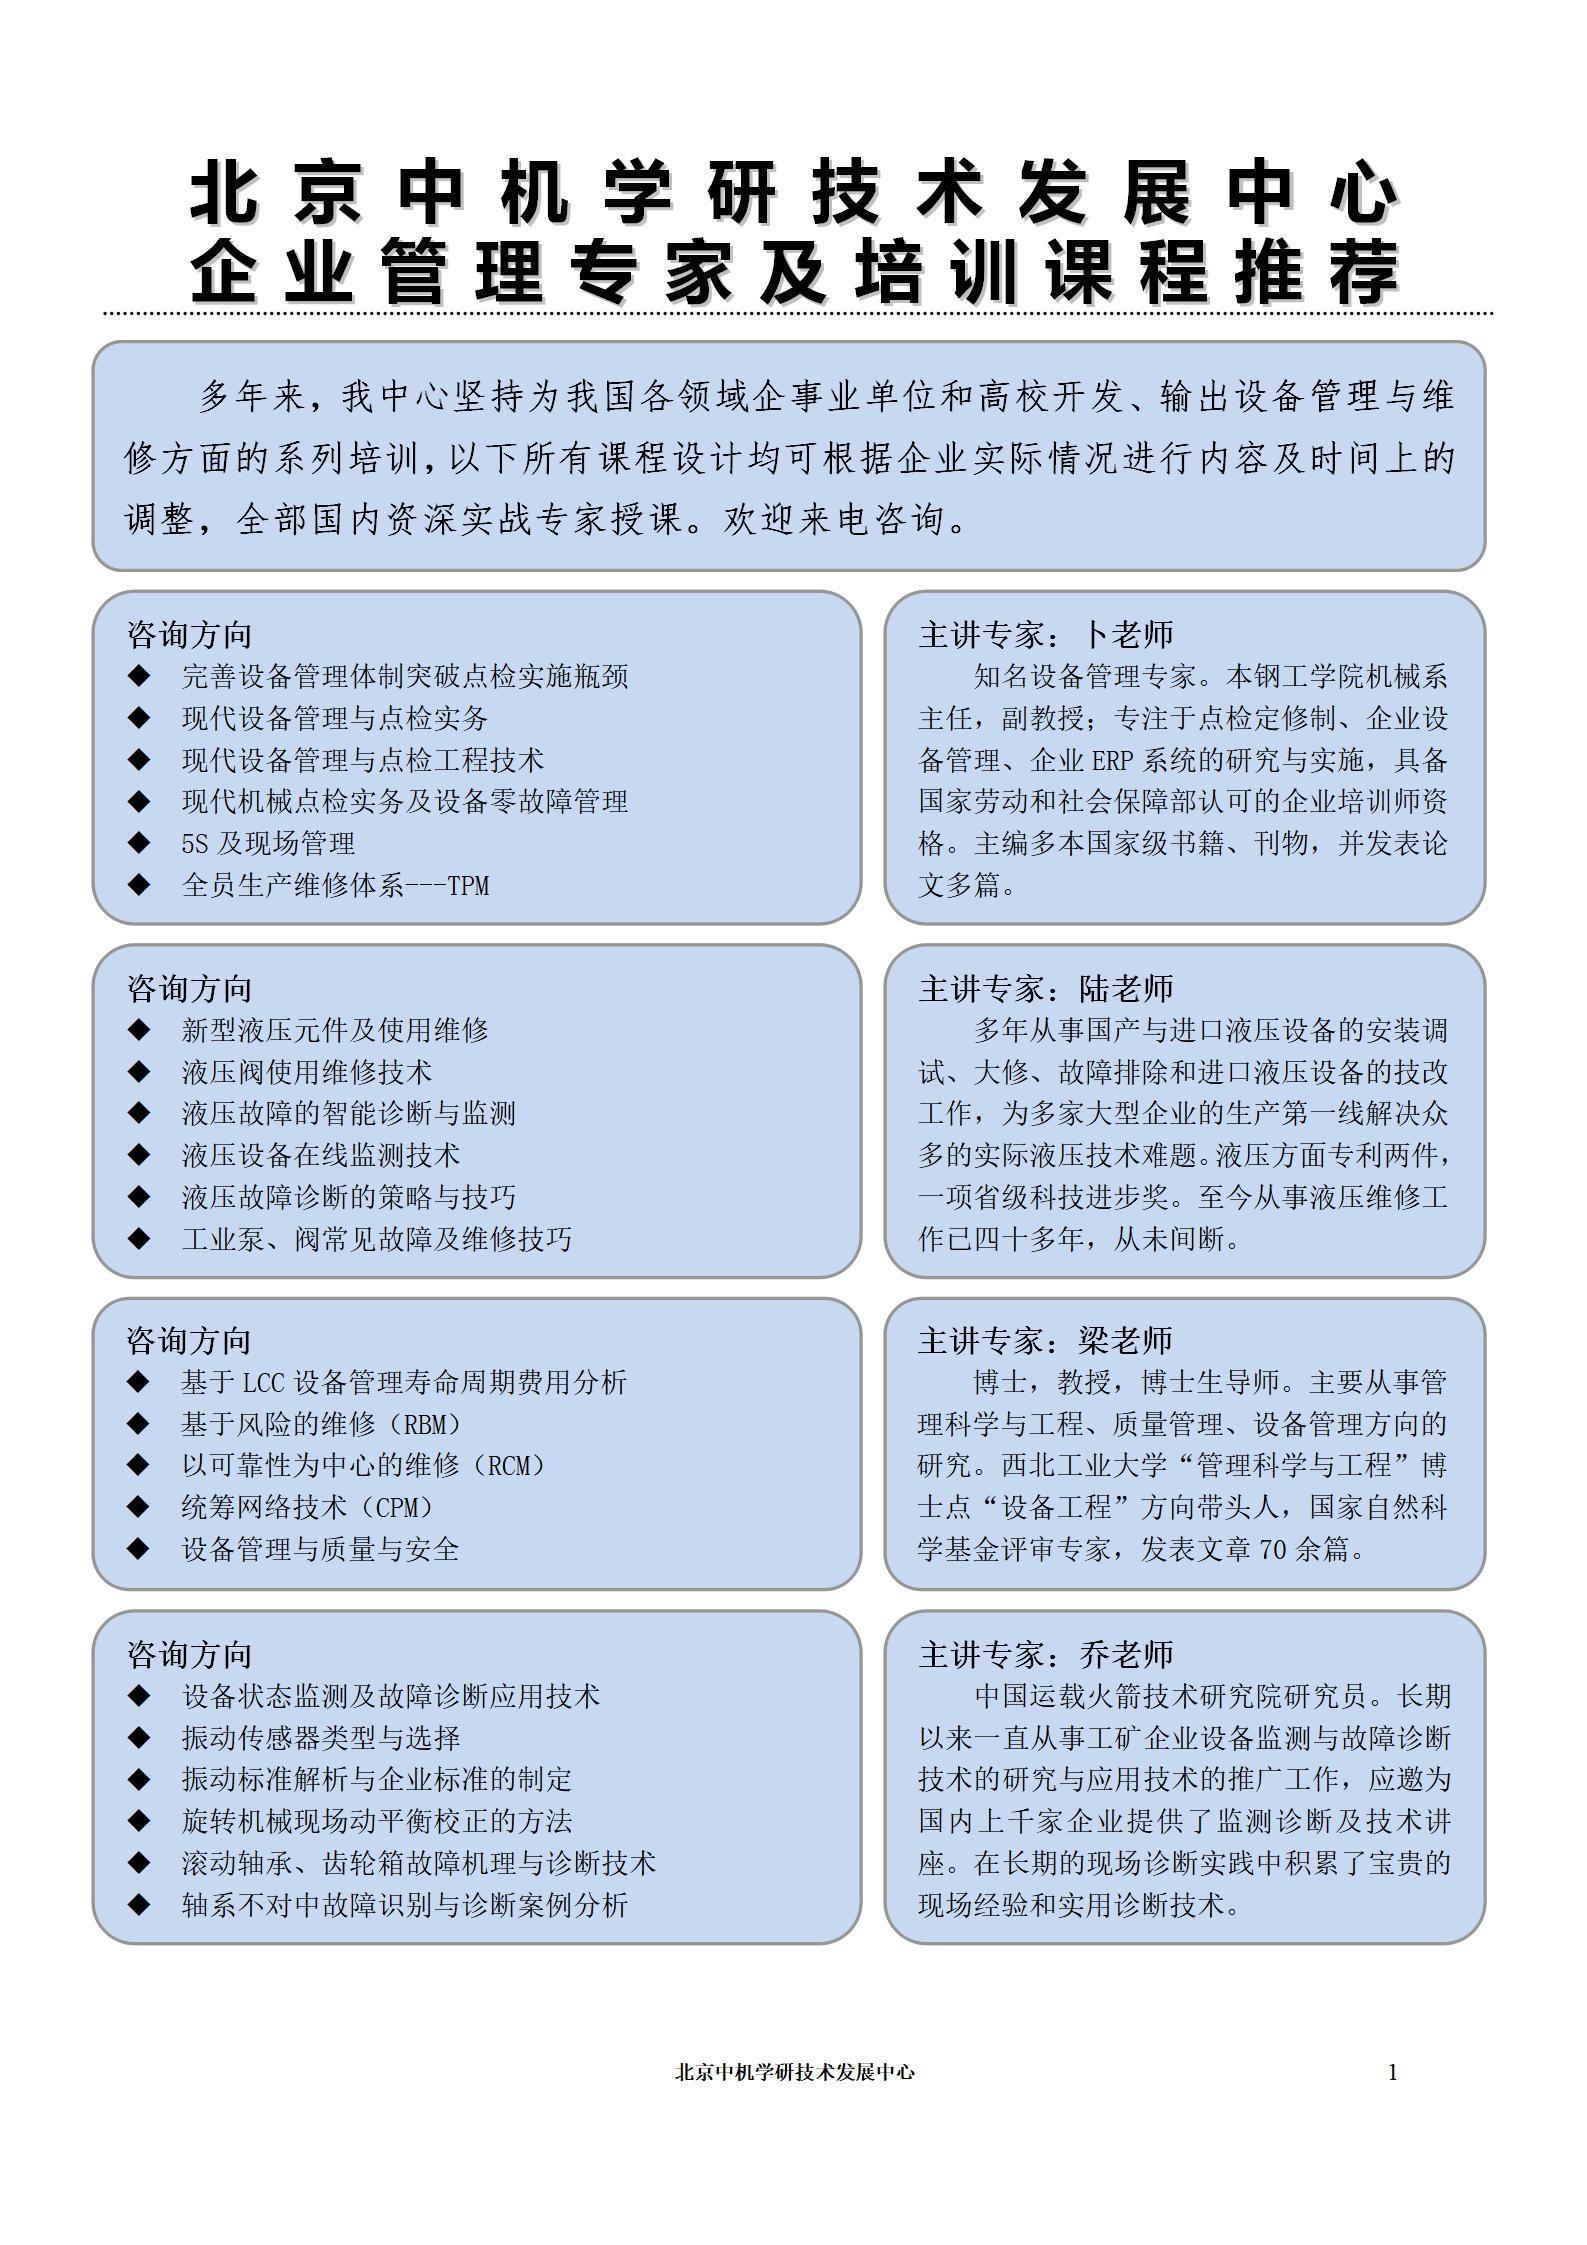 企业管理专家及培训课程推荐 (2)(1)_01.jpg